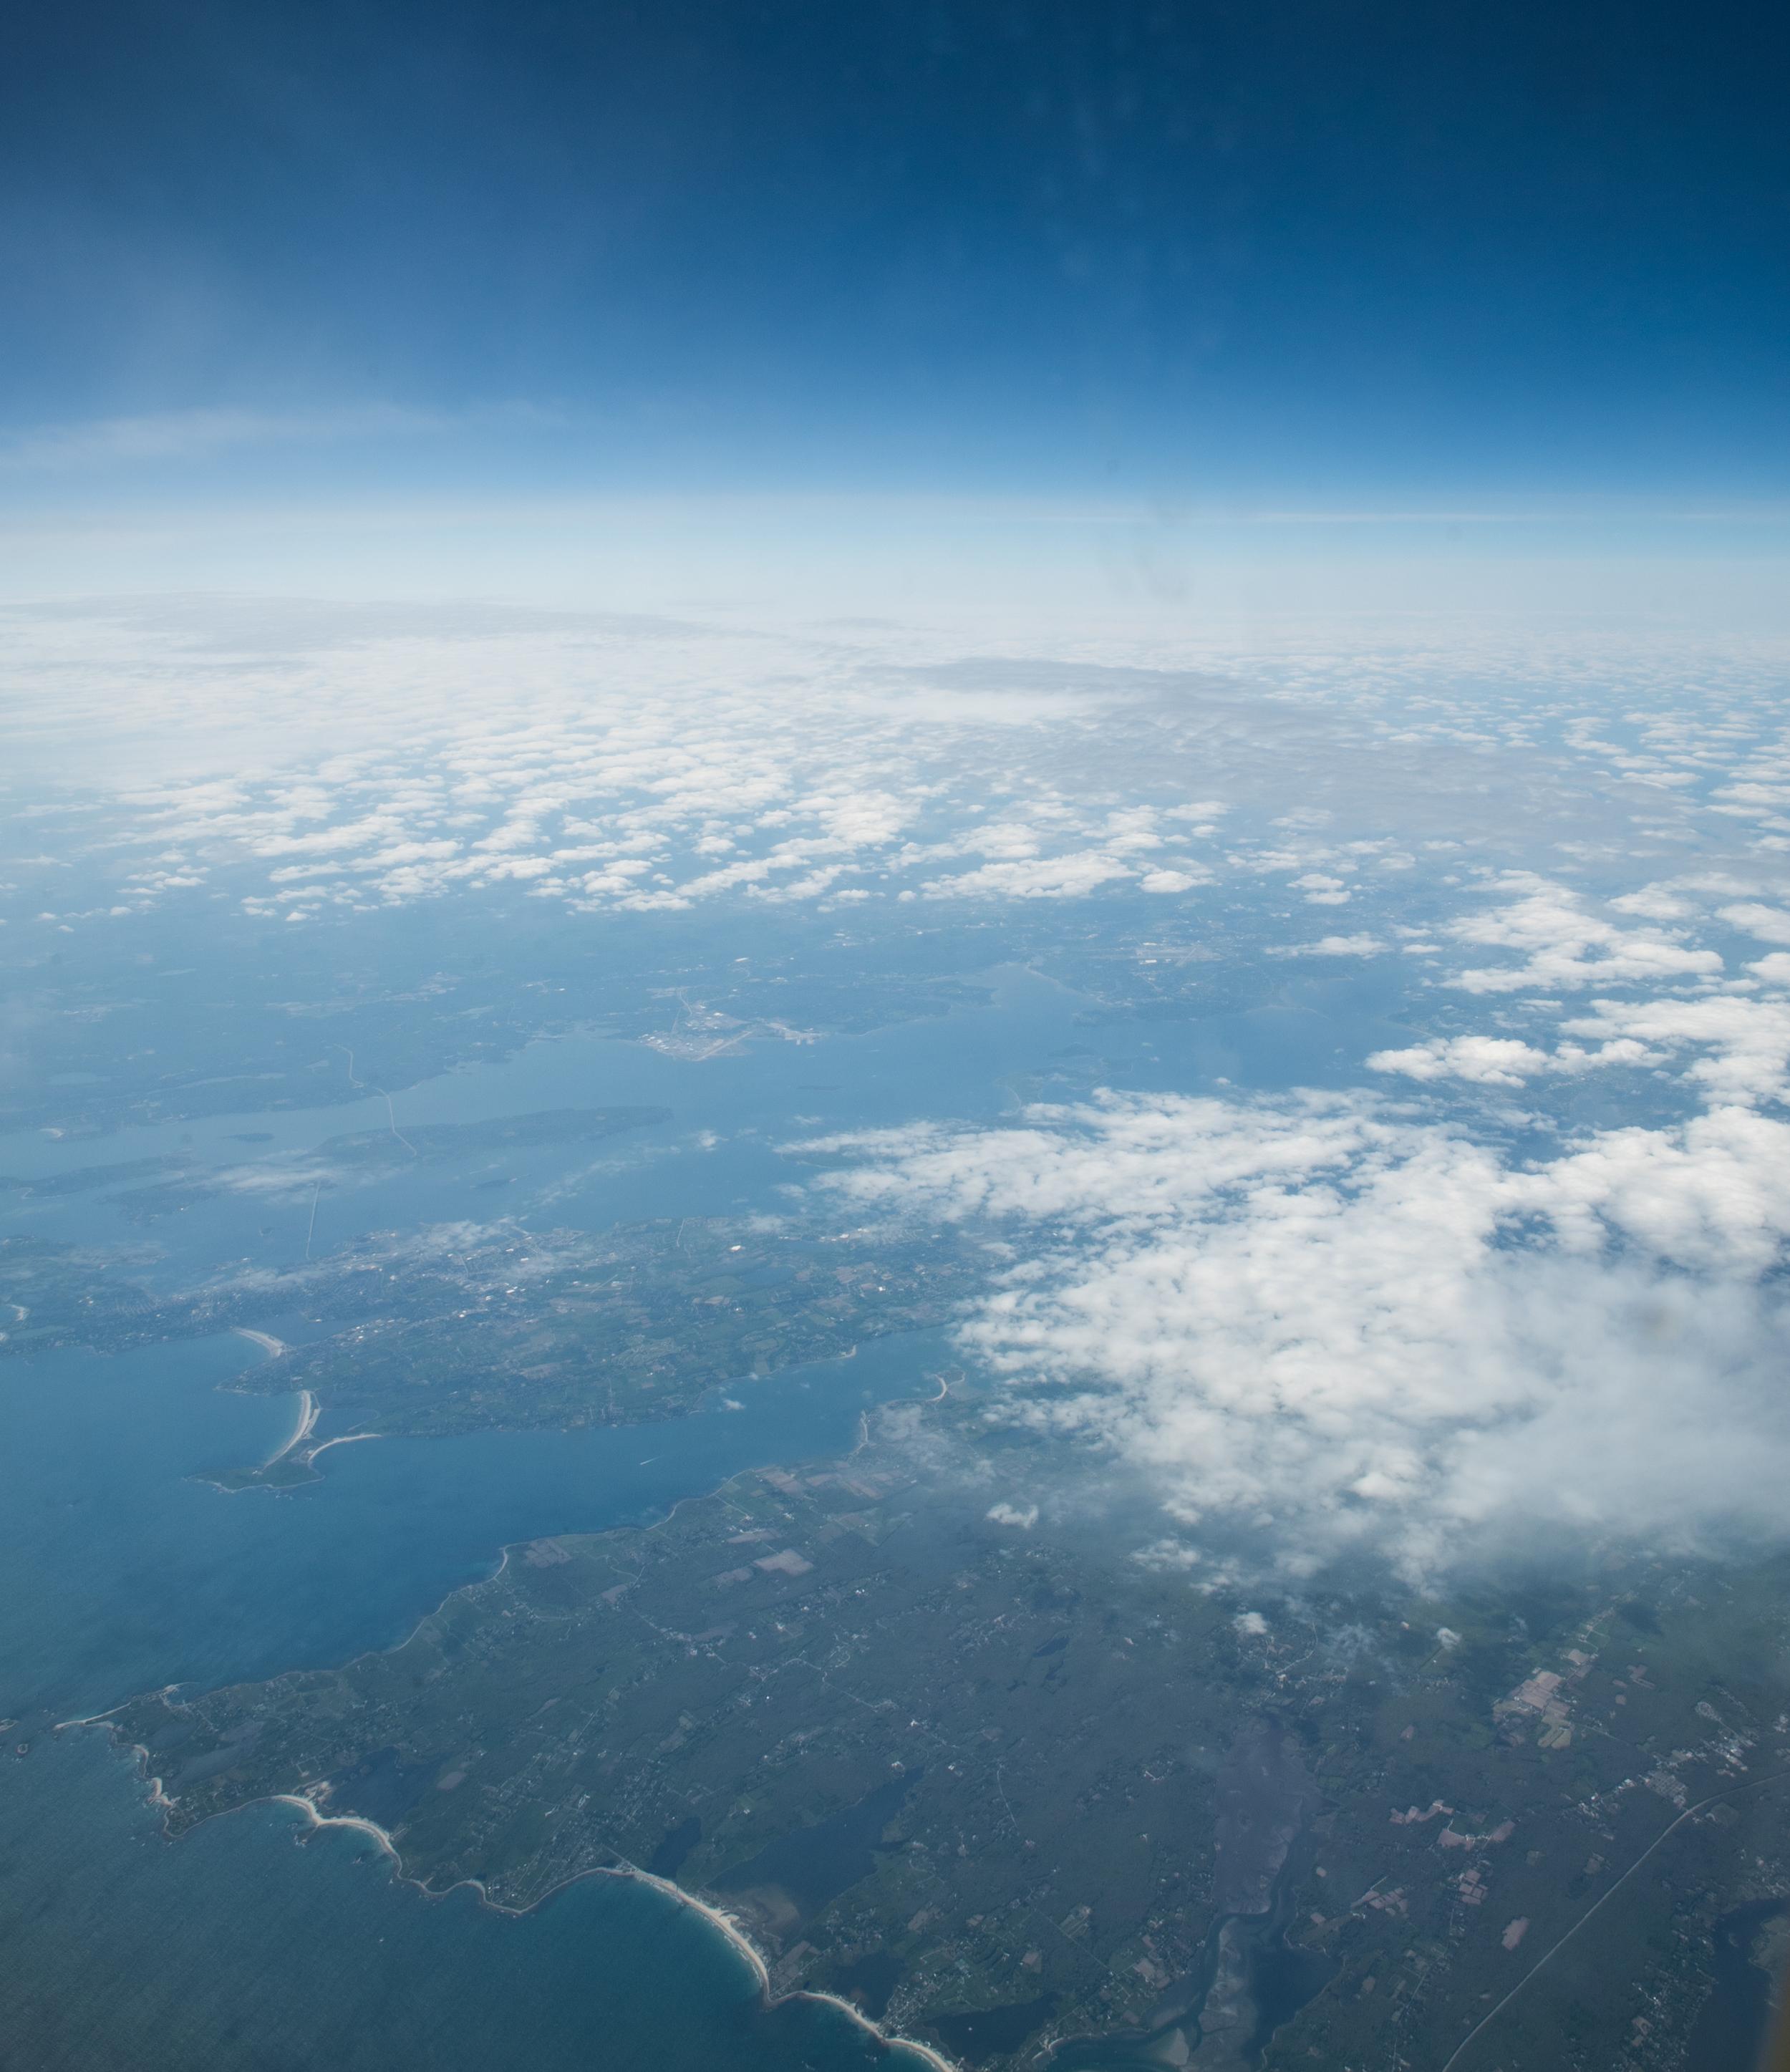 aerial photo over East Coast of Canada